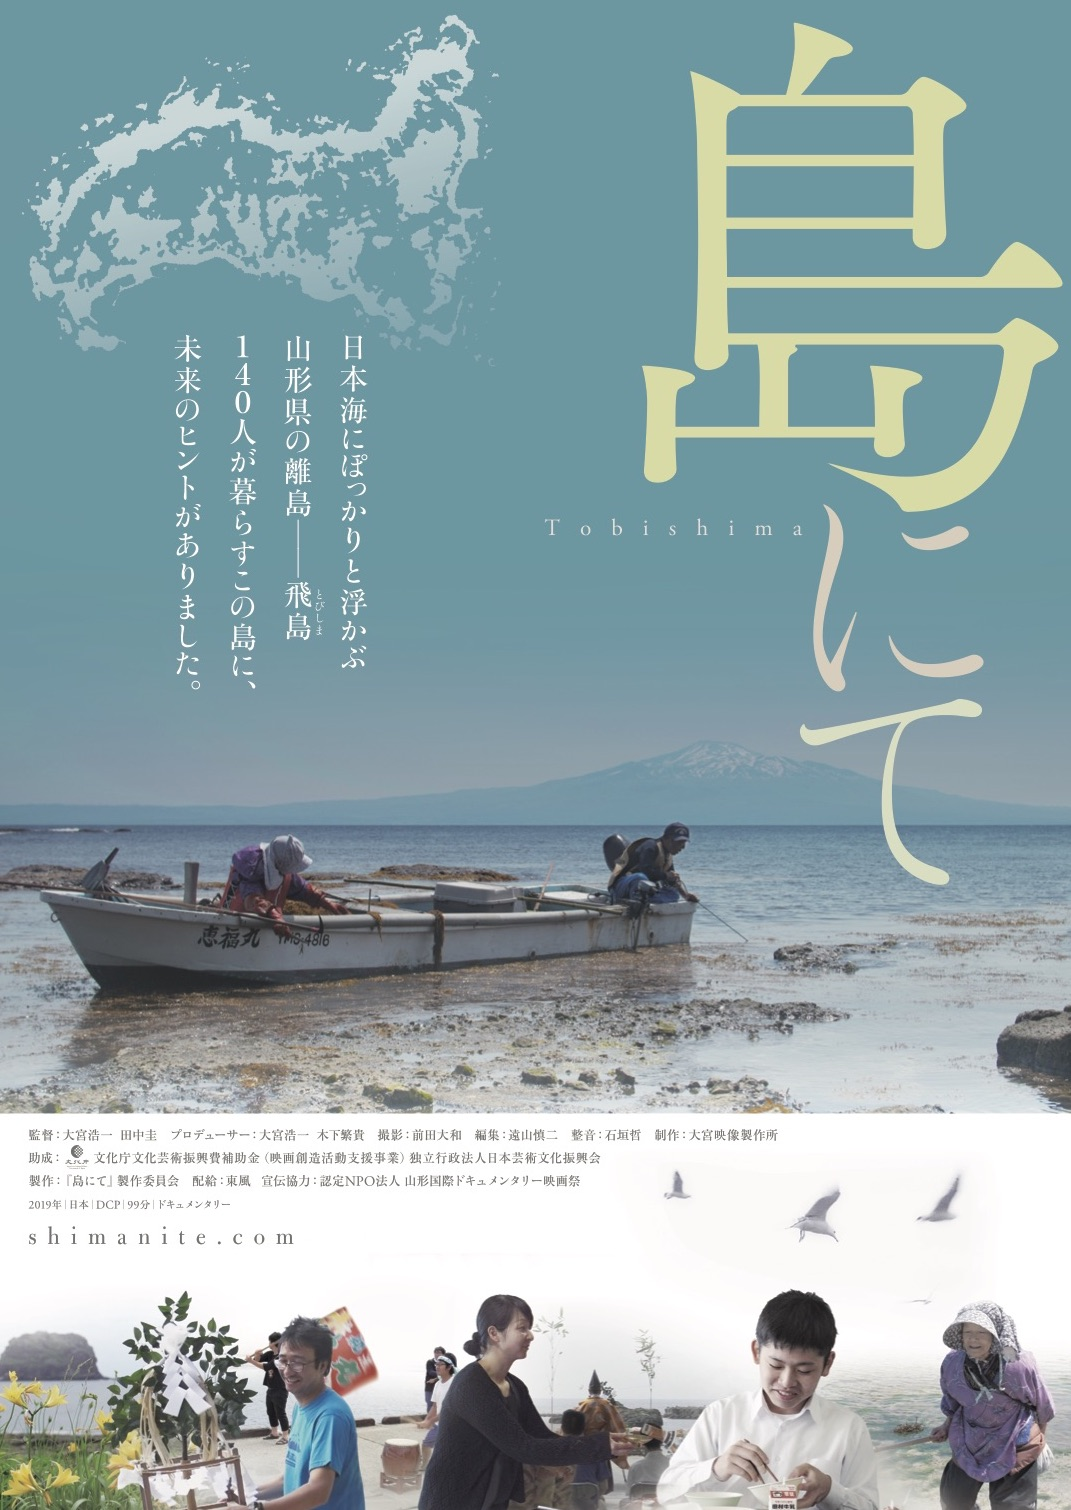 ドキュメンタリー映画「島にて」上映会のお知らせ